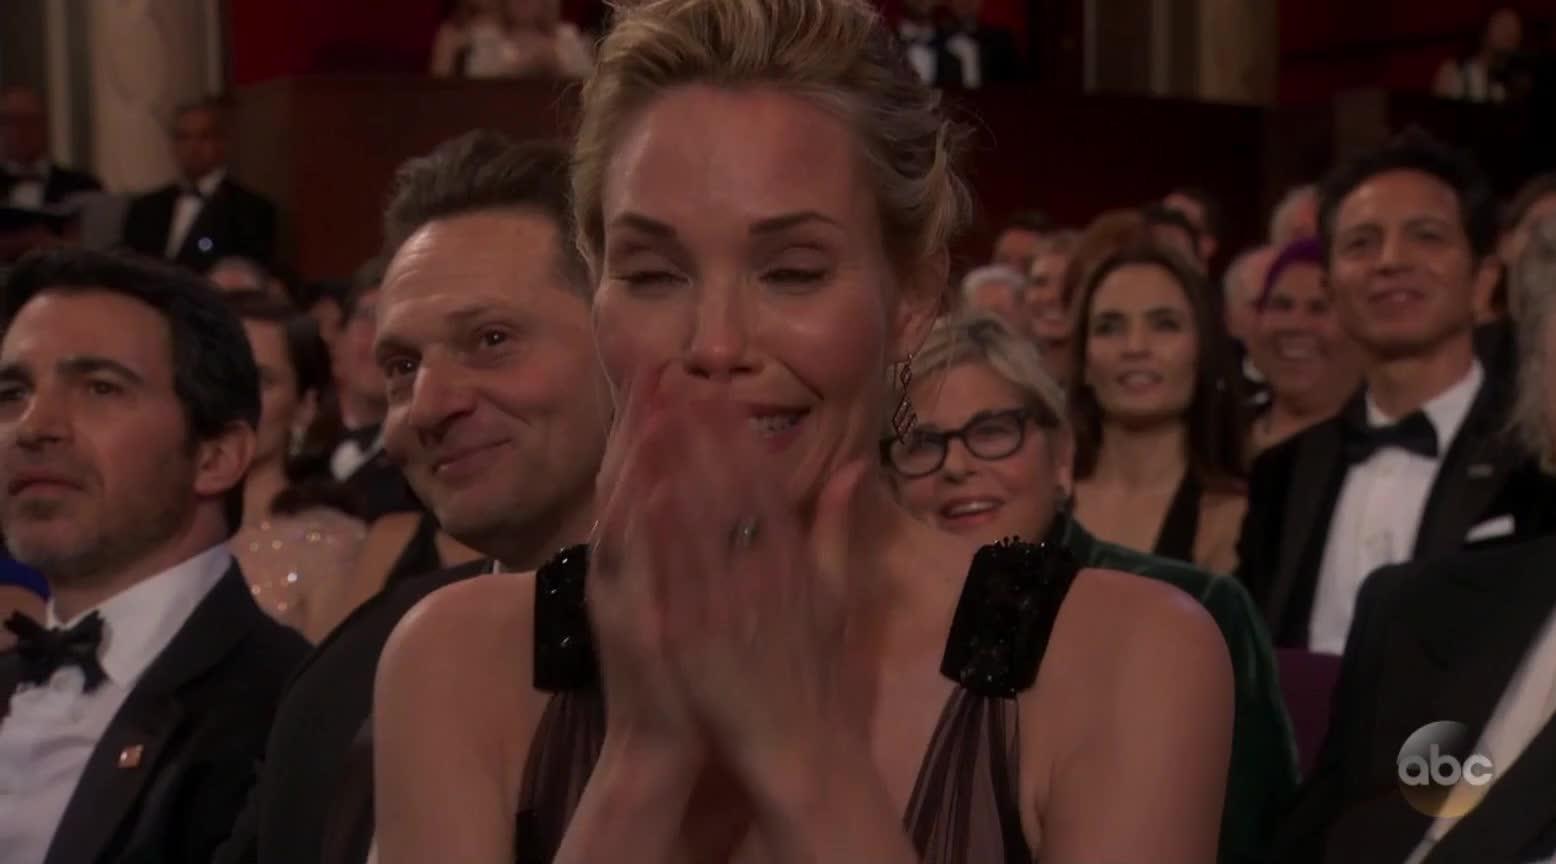 celebs, omg, oscars, oscars 2018, oscars2018, reaction gif, reactions, OMG Oscars 2018 GIFs